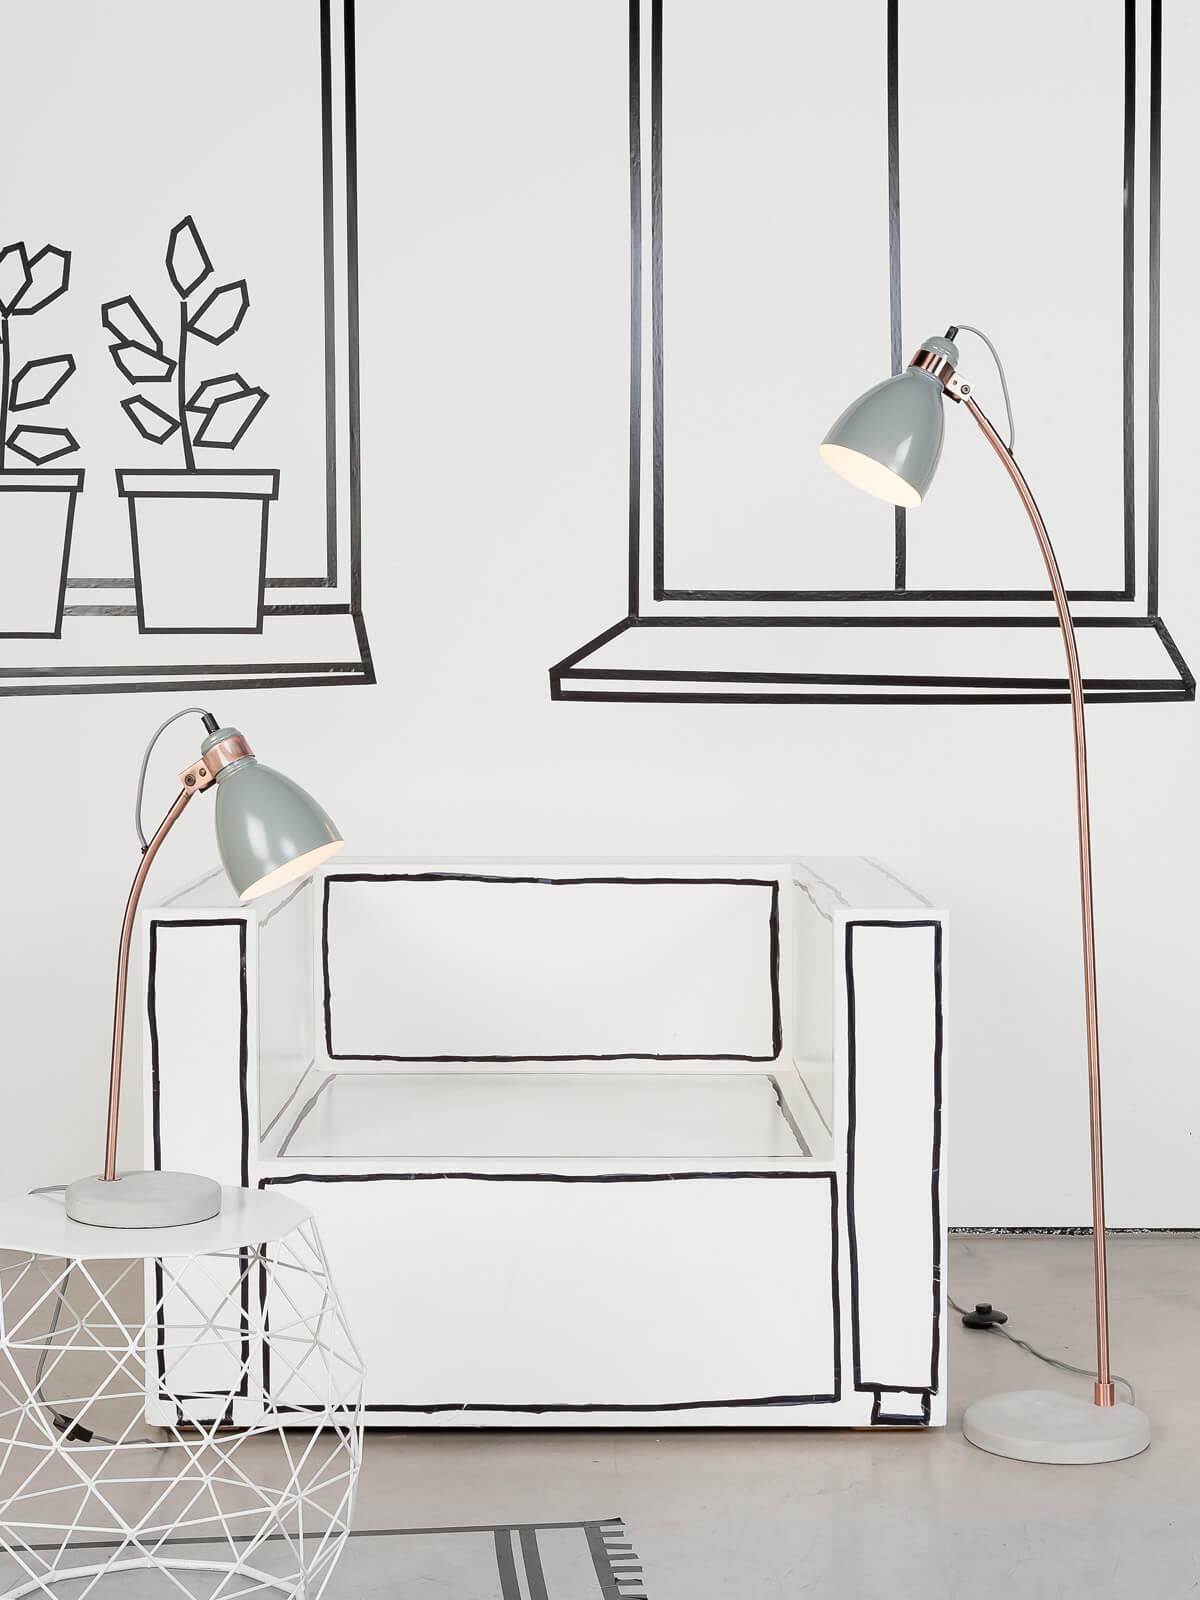 design schreibtischlampe denver jetzt online kaufen. Black Bedroom Furniture Sets. Home Design Ideas